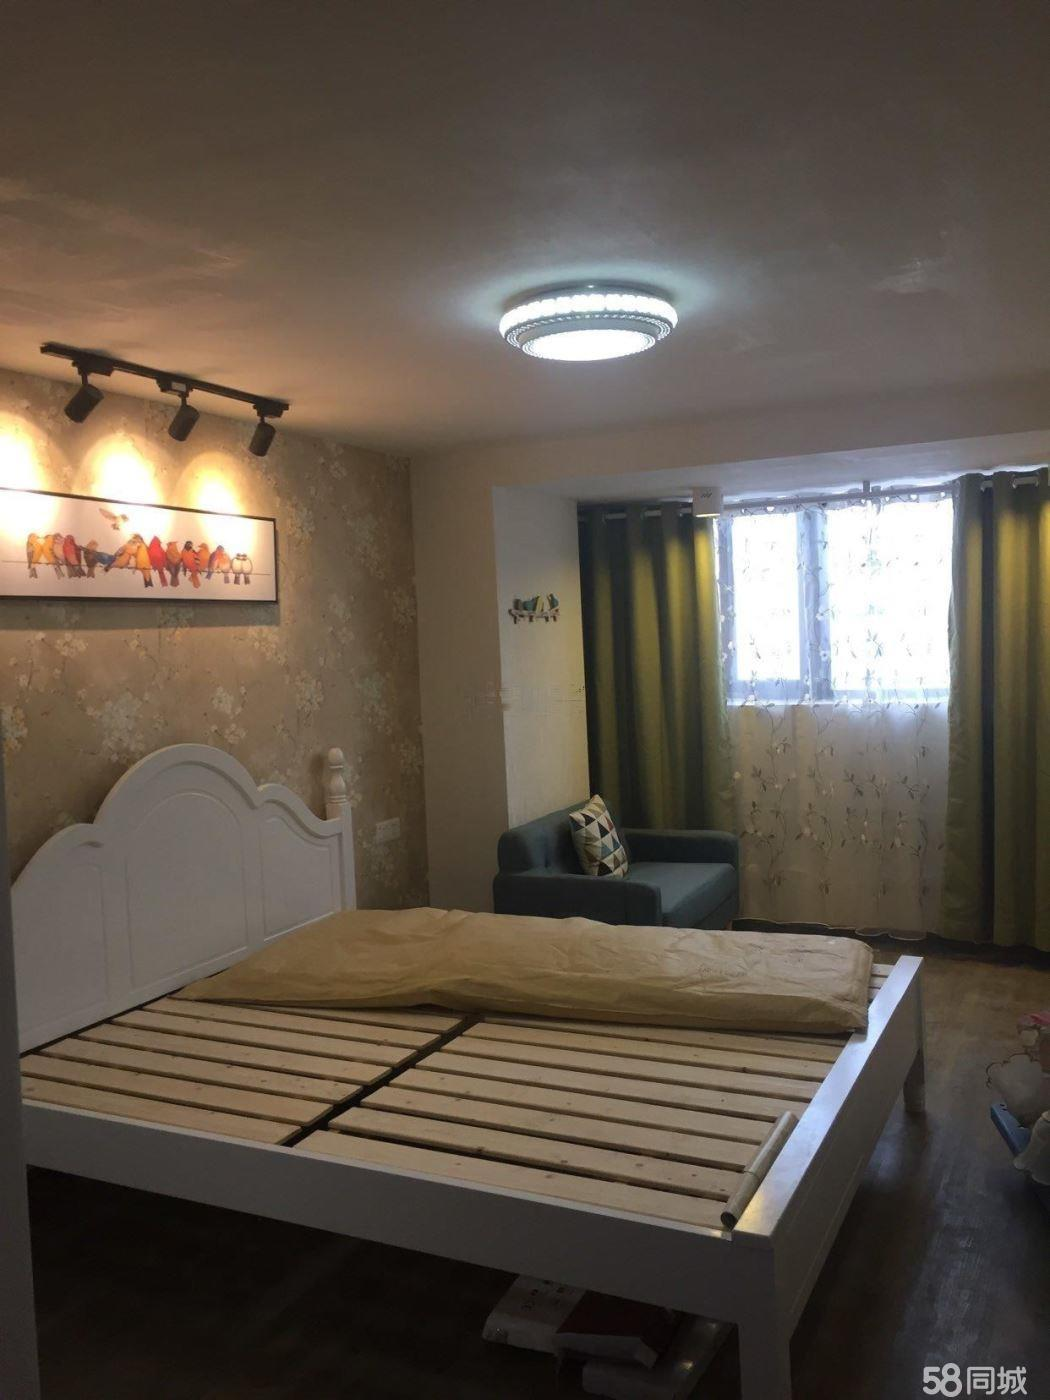 泰禾红树林1400元1室1厅1卫精装修采光好交通便利配套